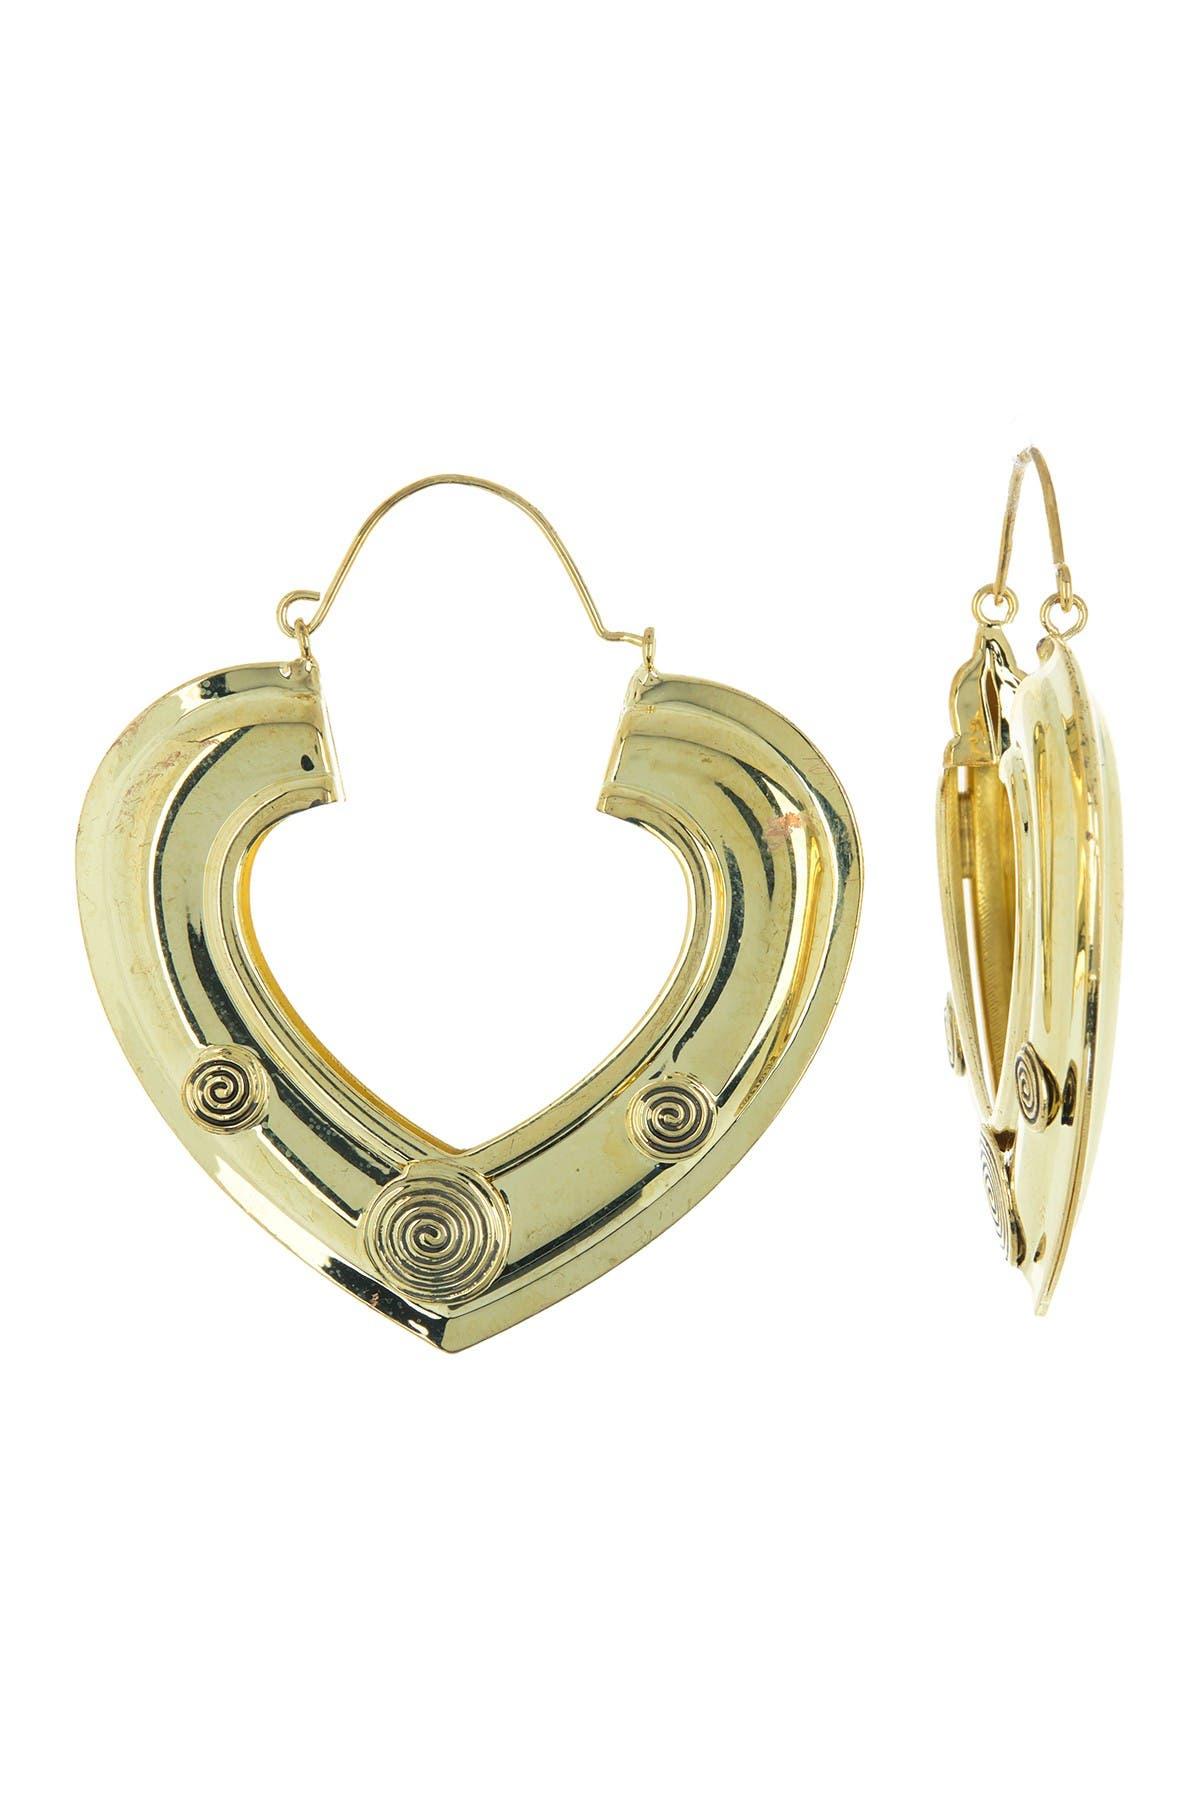 Image of AREA STARS Burnished Swirl Heart Open Hoop Earrings